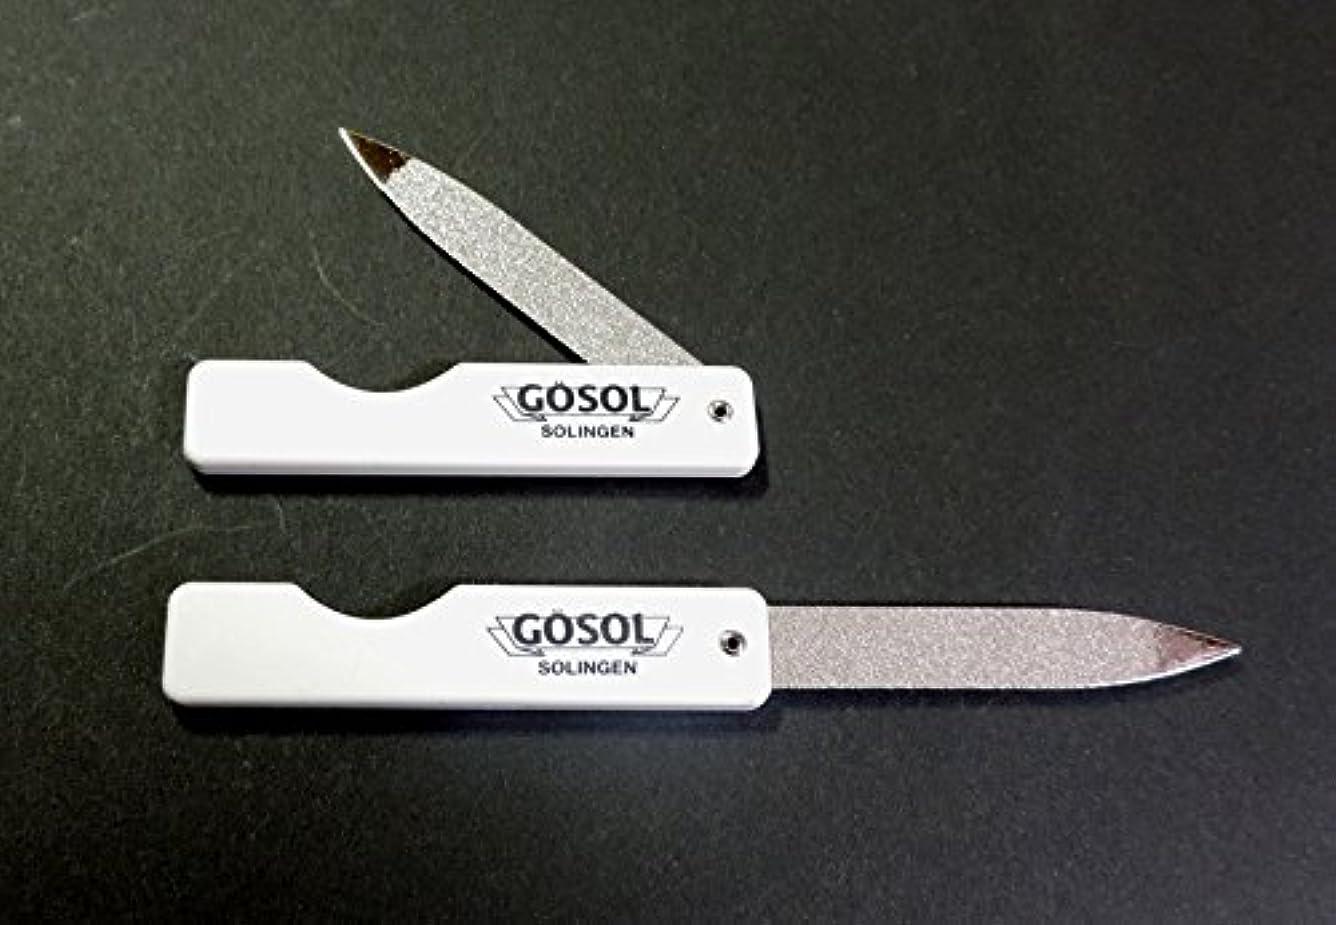 格差精度ビクターゲーゾル(独) GOSOL ポケット爪ヤスリ(折込式、サファイヤ) 白柄2個組